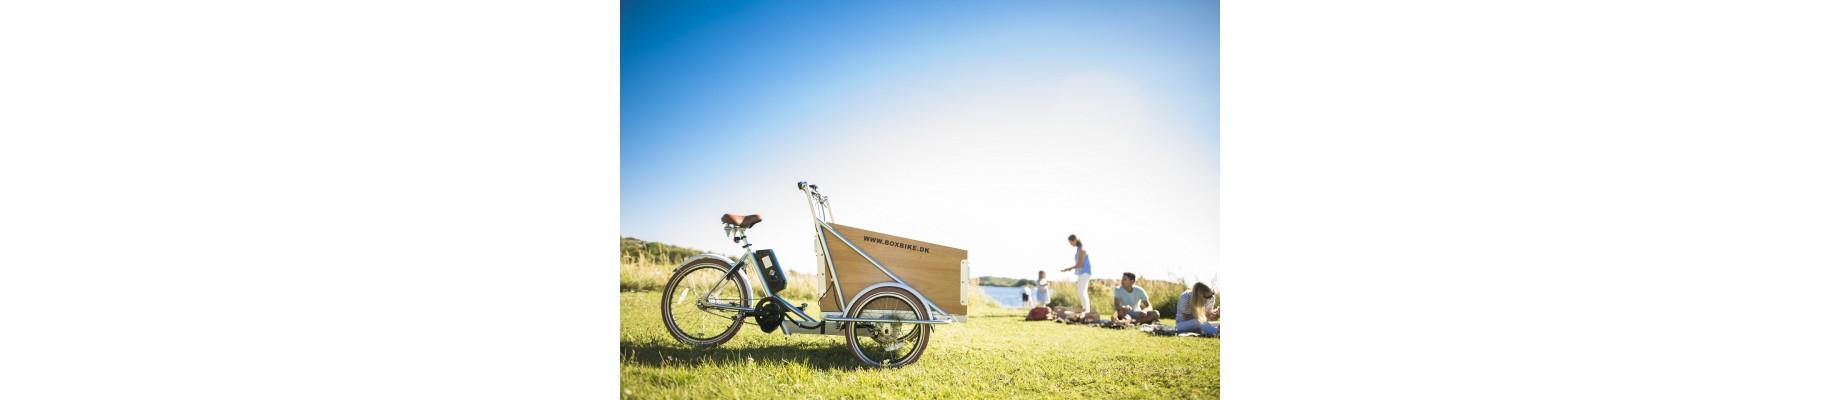 Lådcykel med elmotor